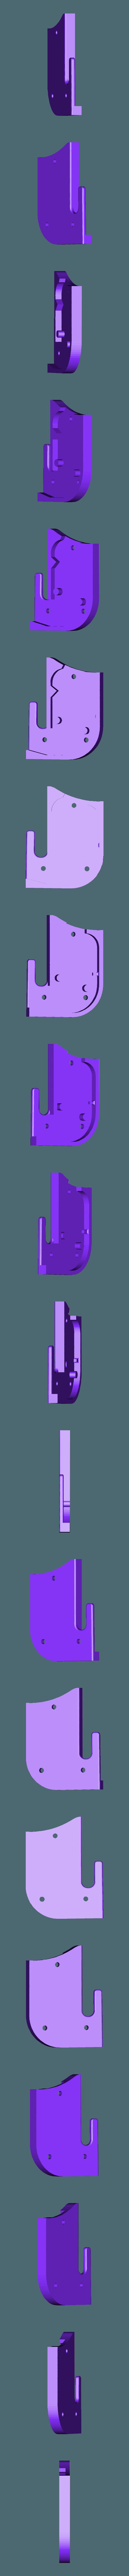 1.stl Télécharger fichier STL gratuit Déclencheur de feu pour jeux mobiles • Objet à imprimer en 3D, EliGreen